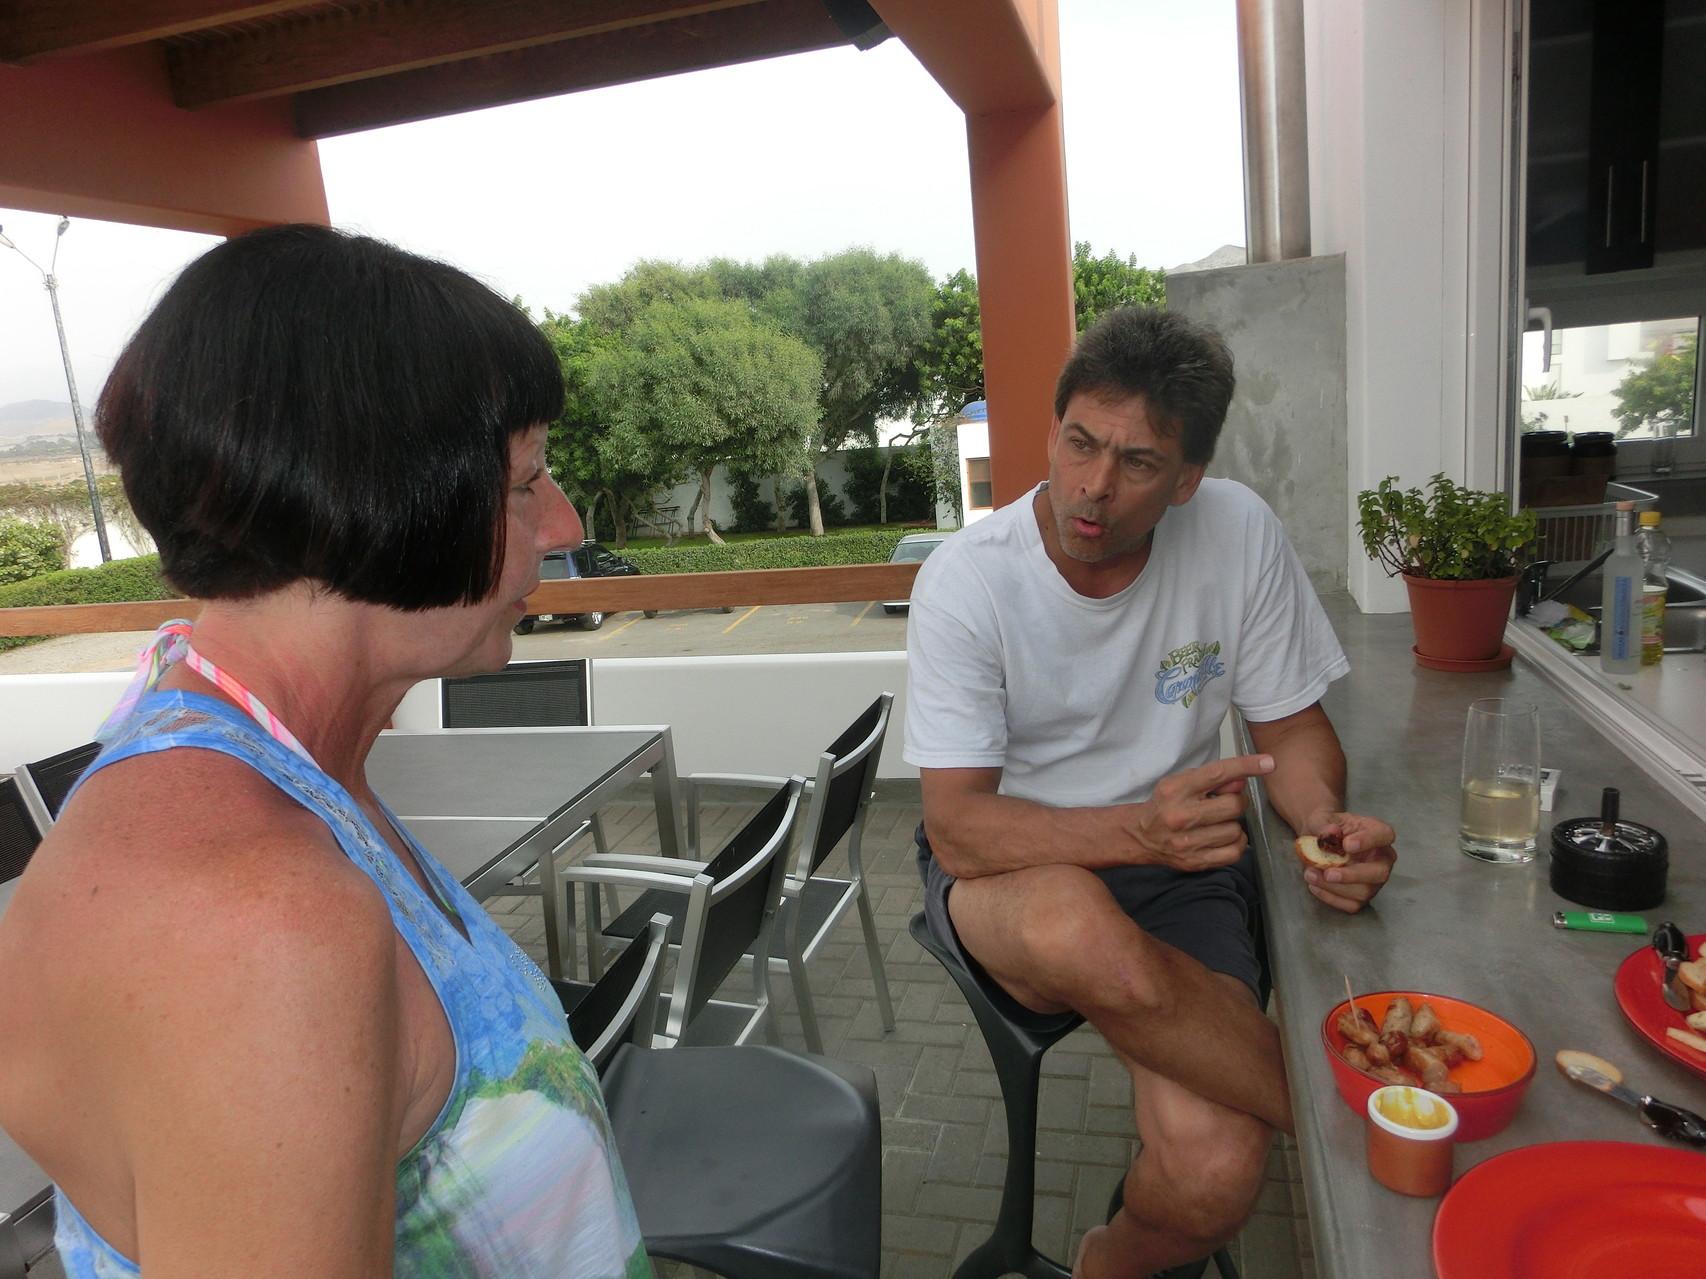 Rosi mit Eric, einem befreundeten motorradbegfeisterten Nachbarn